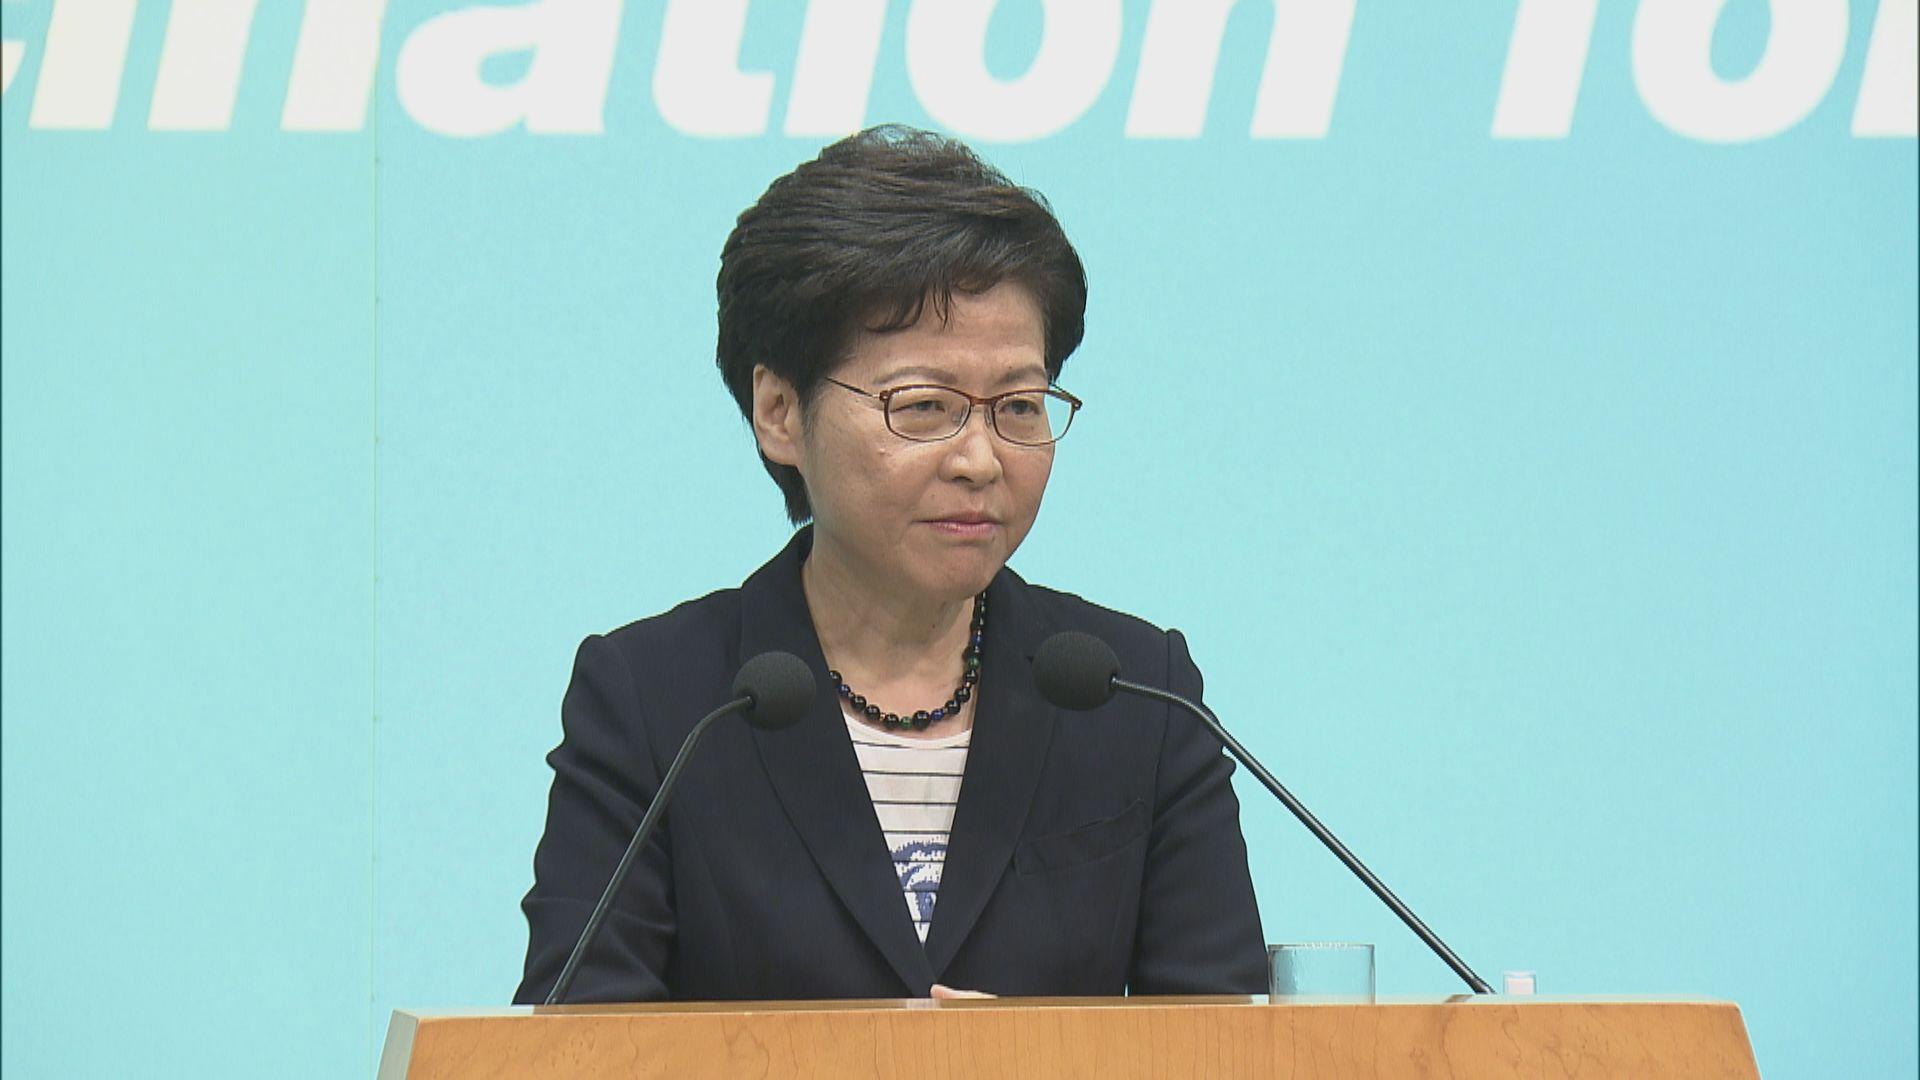 林鄭:任內難完成23條立法 會爭取做籌備工作